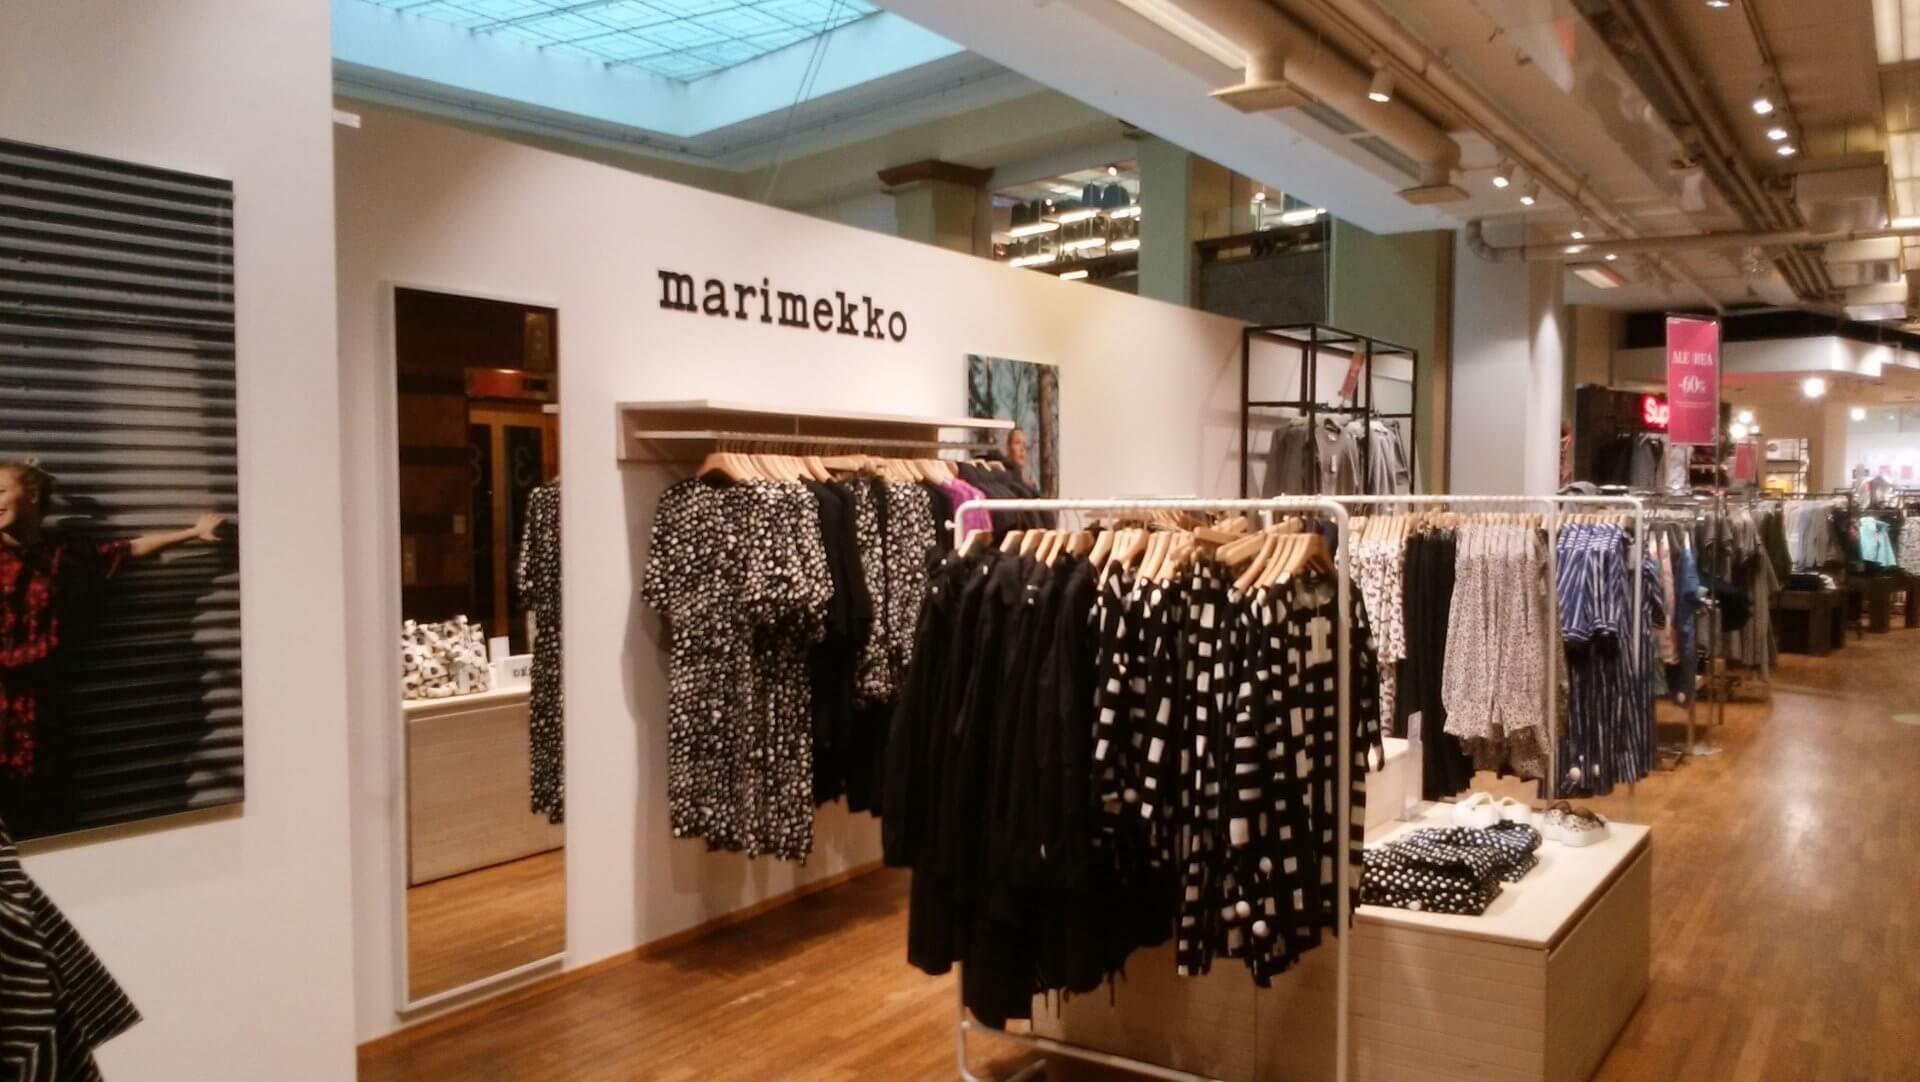 ストックマン3Fにあるアパレル店のマリメッコ